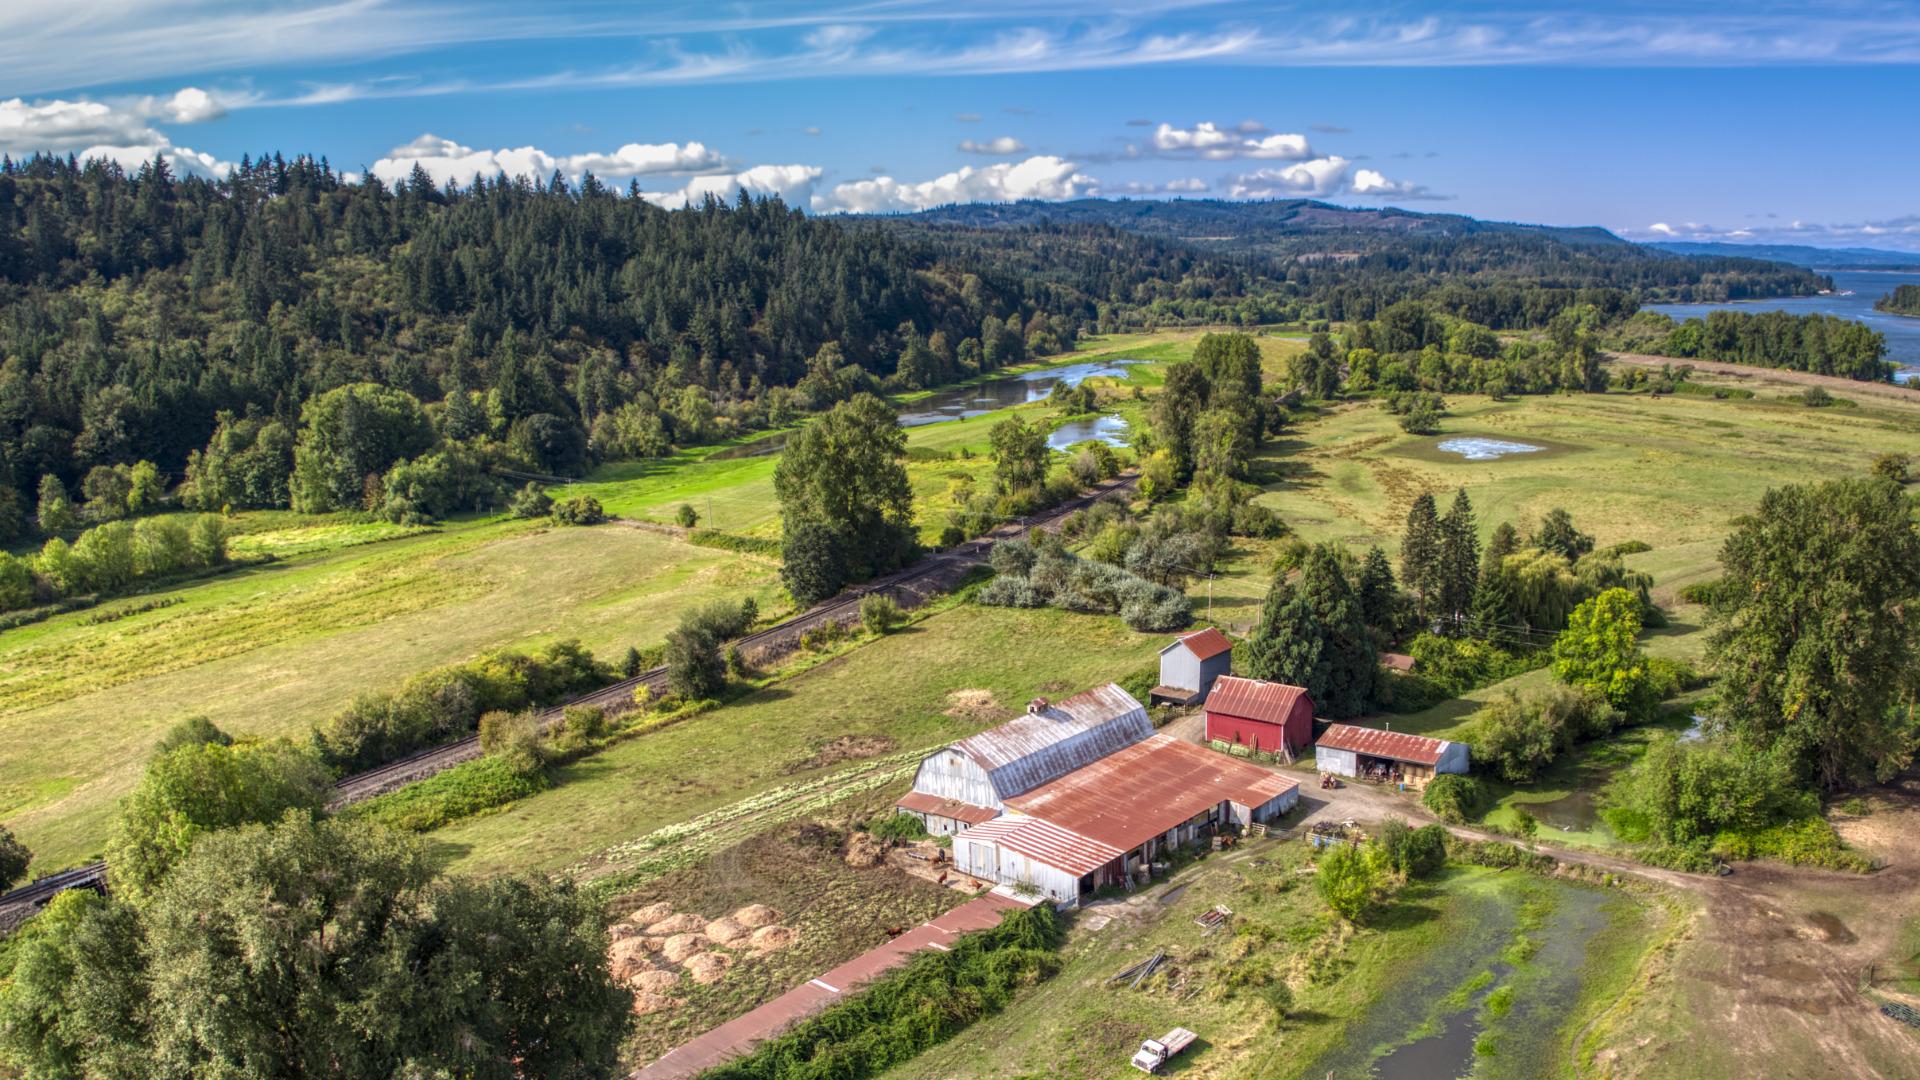 Drone aerials single exposure HDR with Aurora 2019, part 2 | Photofocus